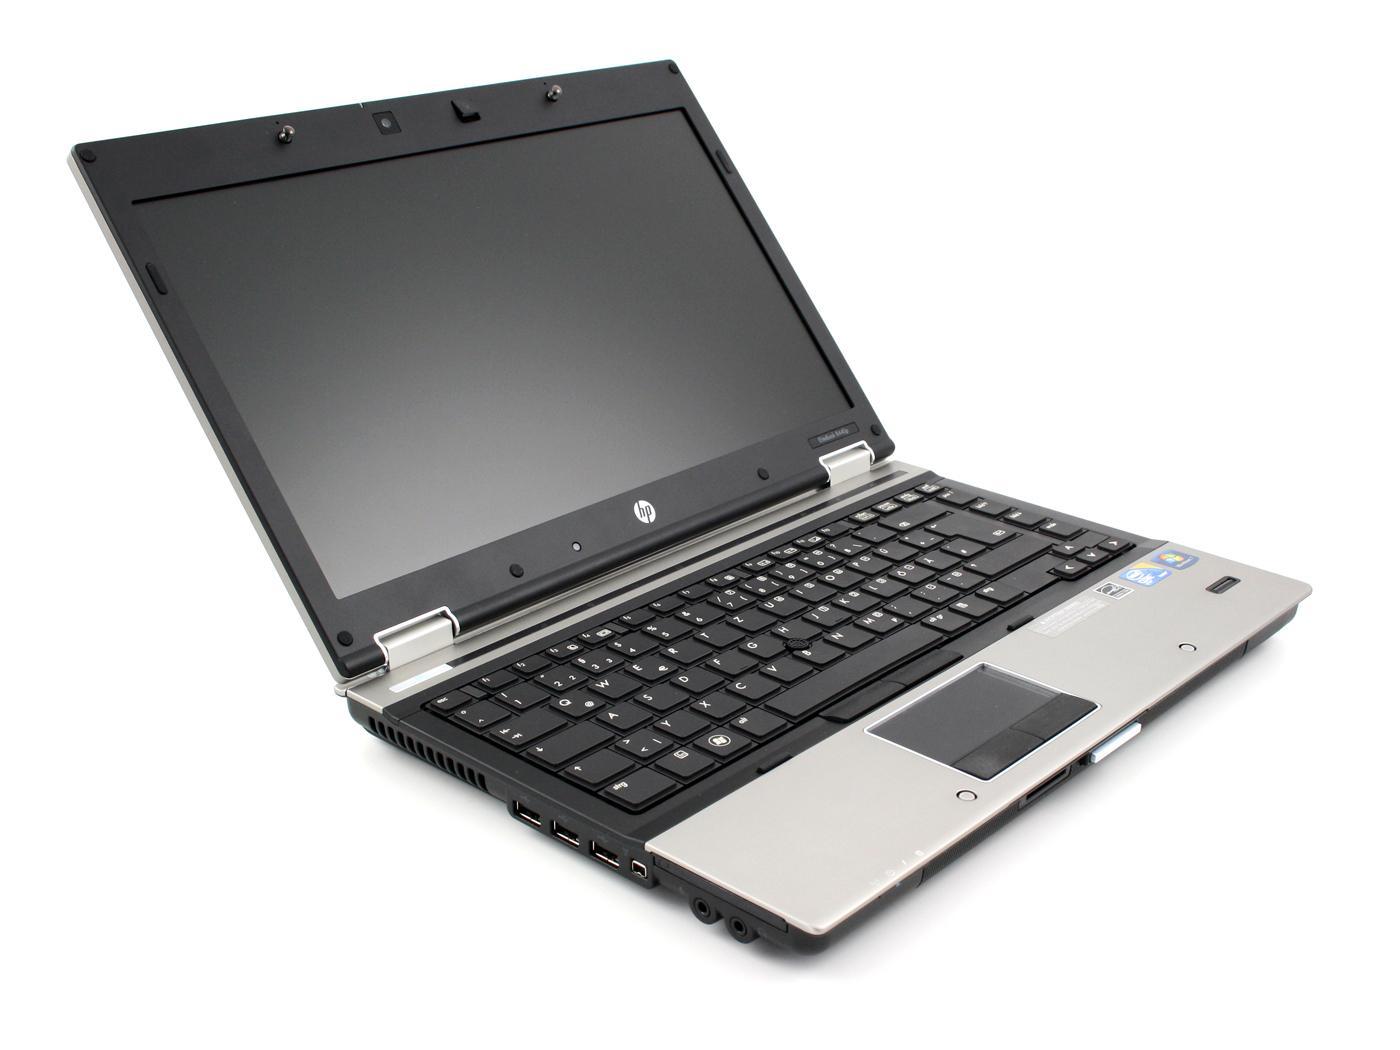 Mua Laptop core i5 hàng nhập khẩu ở đâu tốt?